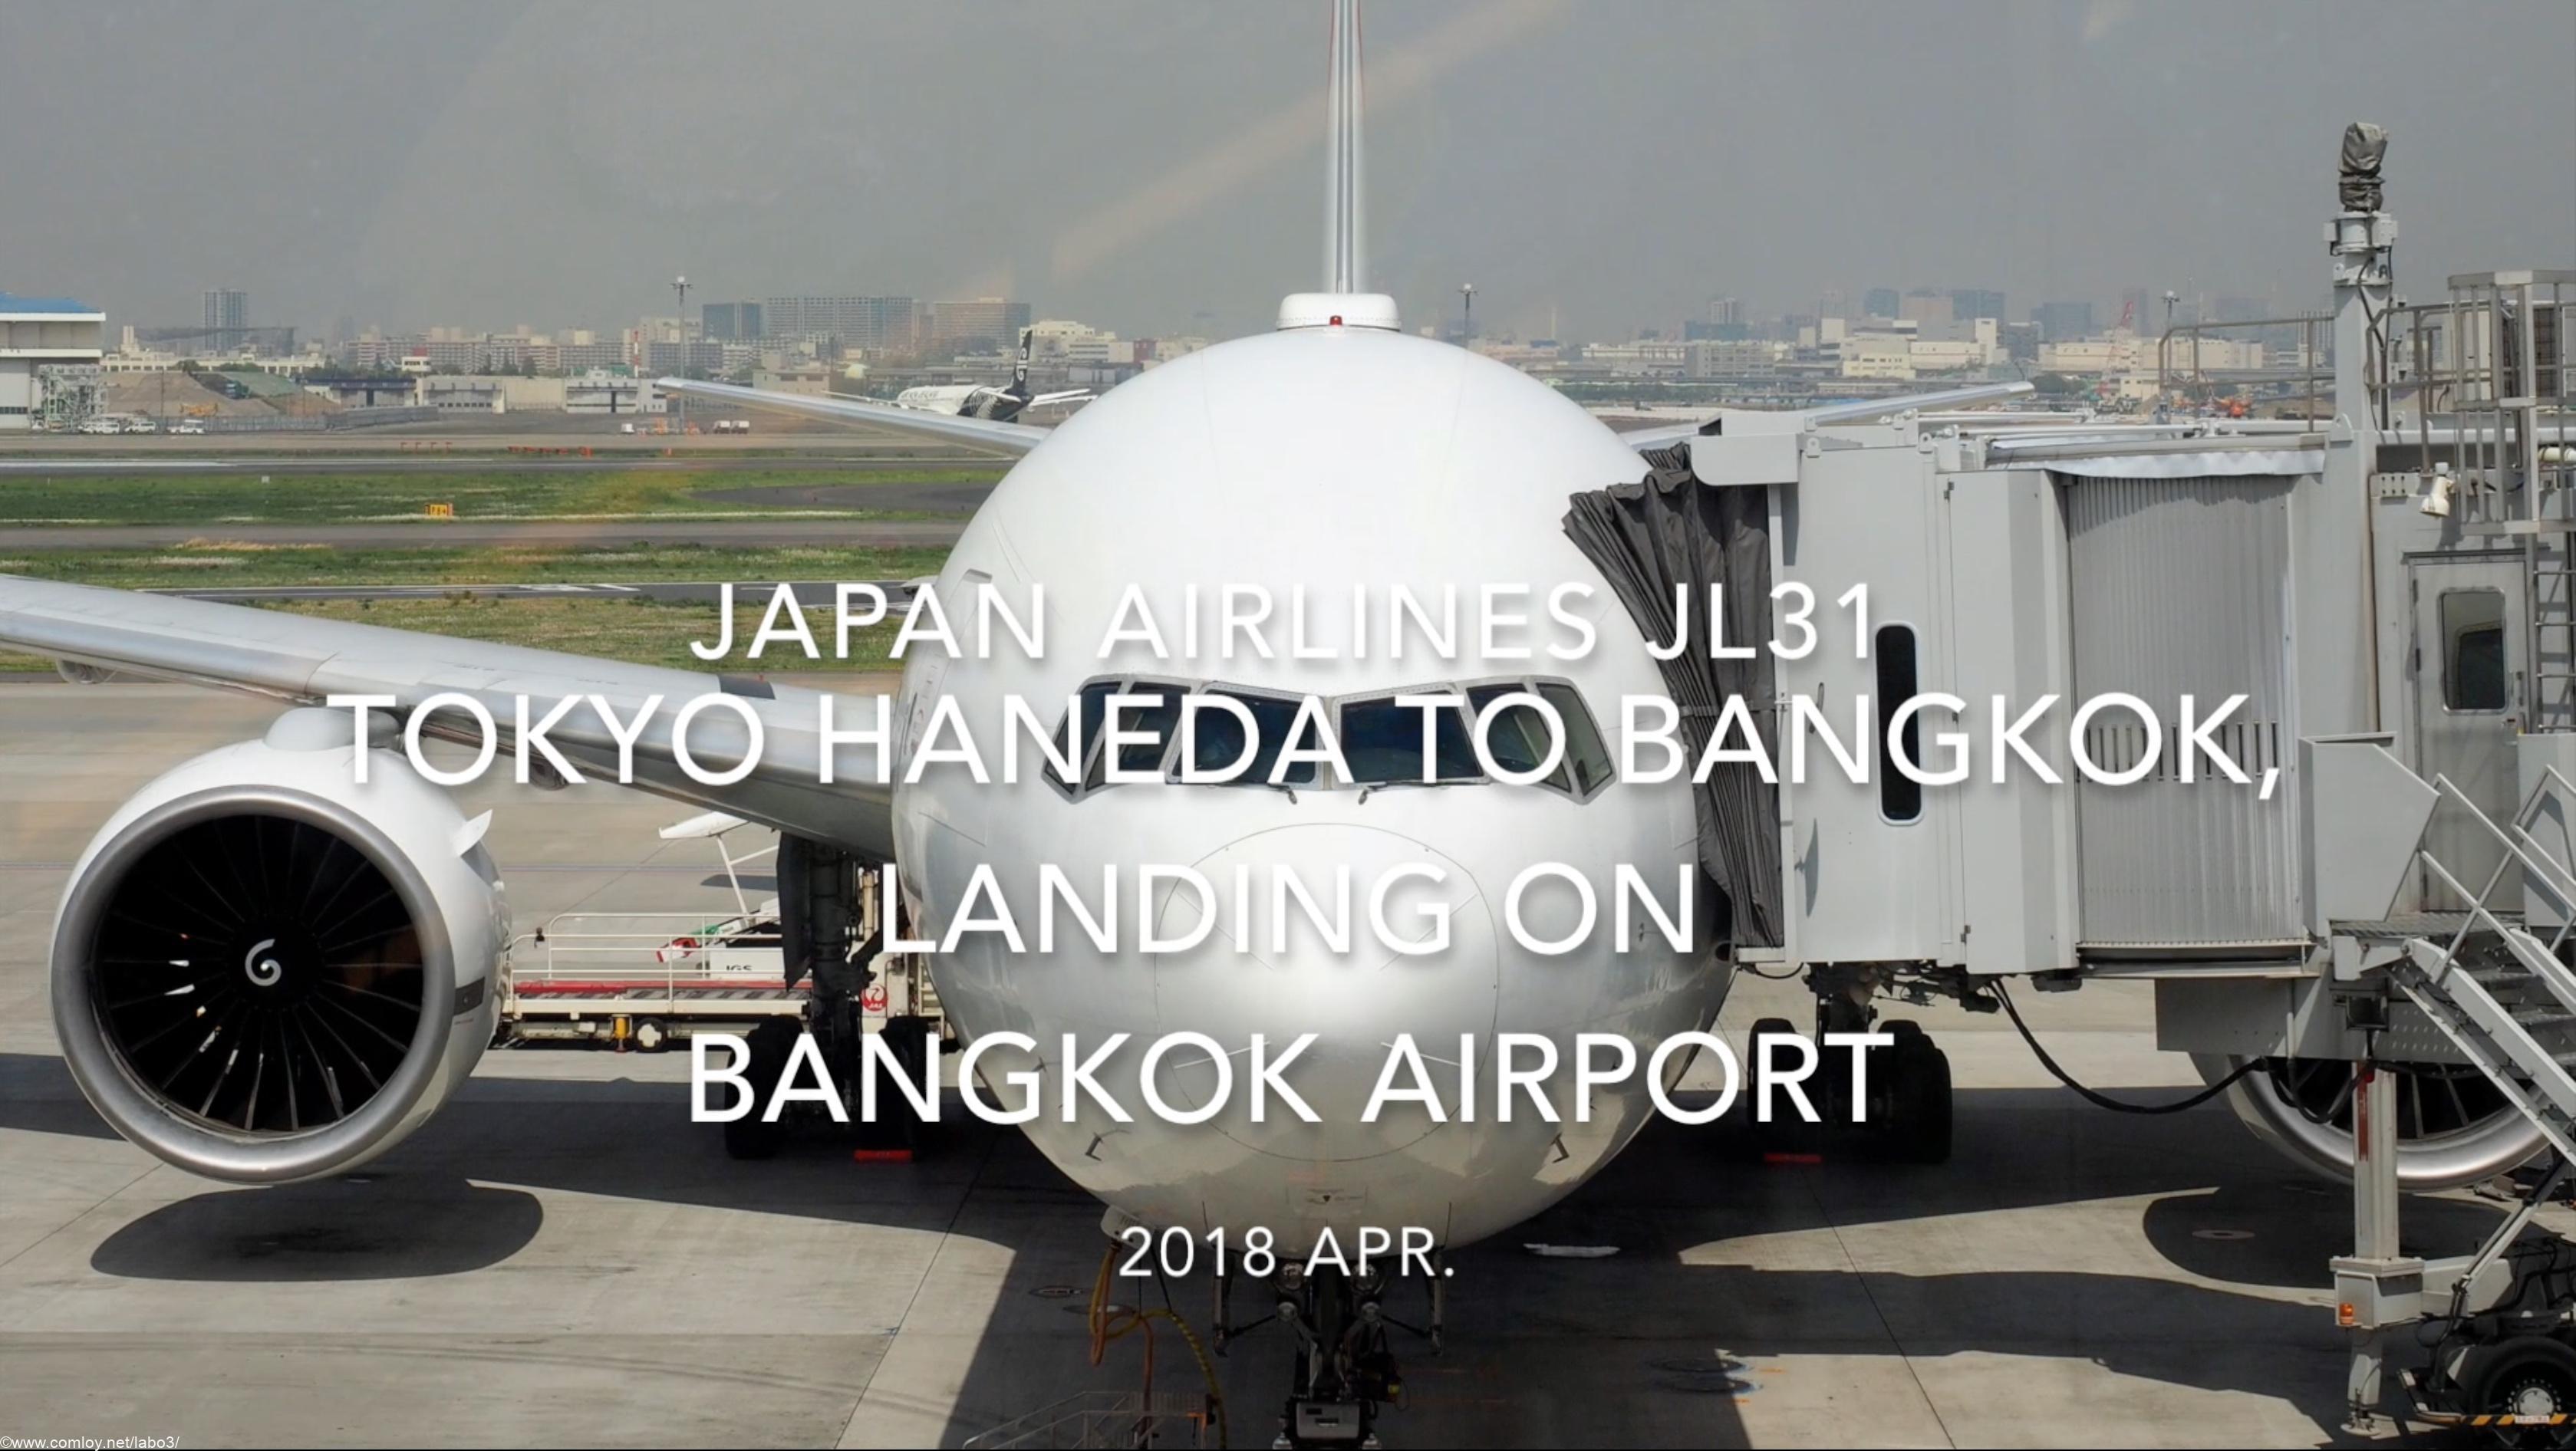 【機内から離着陸映像】2018 Apr JAL JL31 TOKYO HANEDA to Bangkok, Landing on Bangkok airport